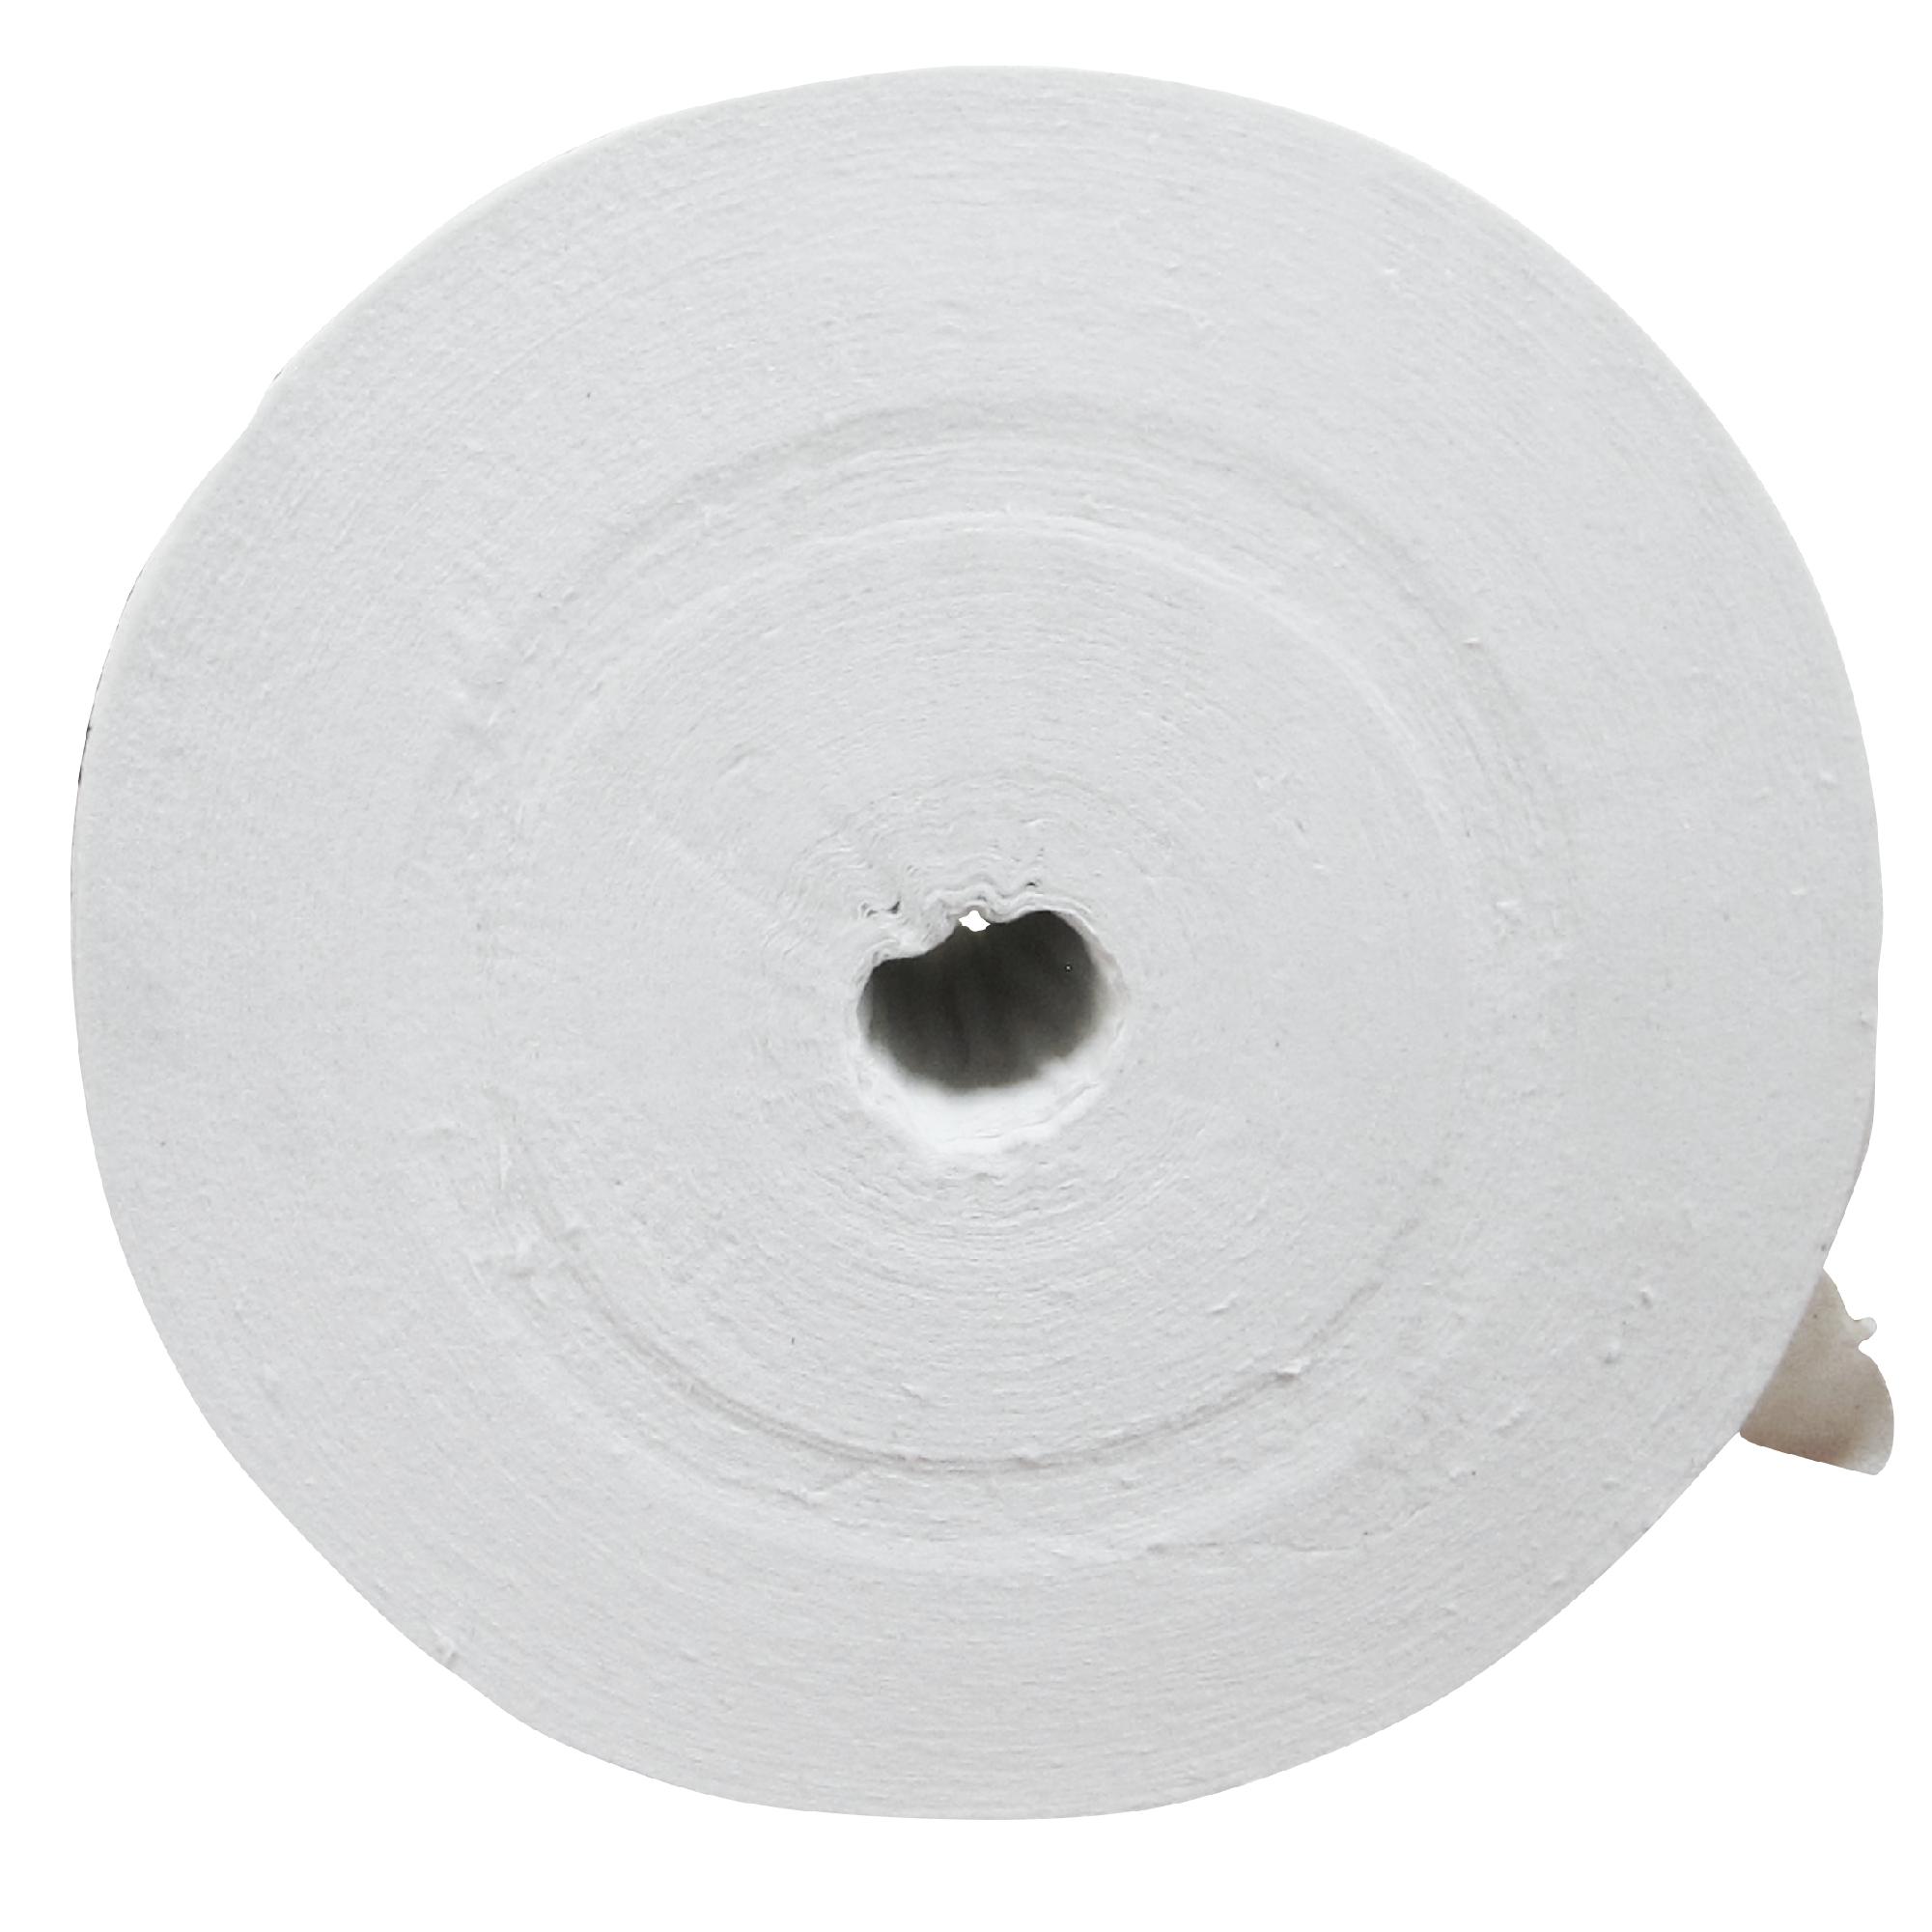 Greymoon 200-10 Higiénico institucional hoja sencilla precortada, caja con 36 rollos de 1000 hojas cada uno 4